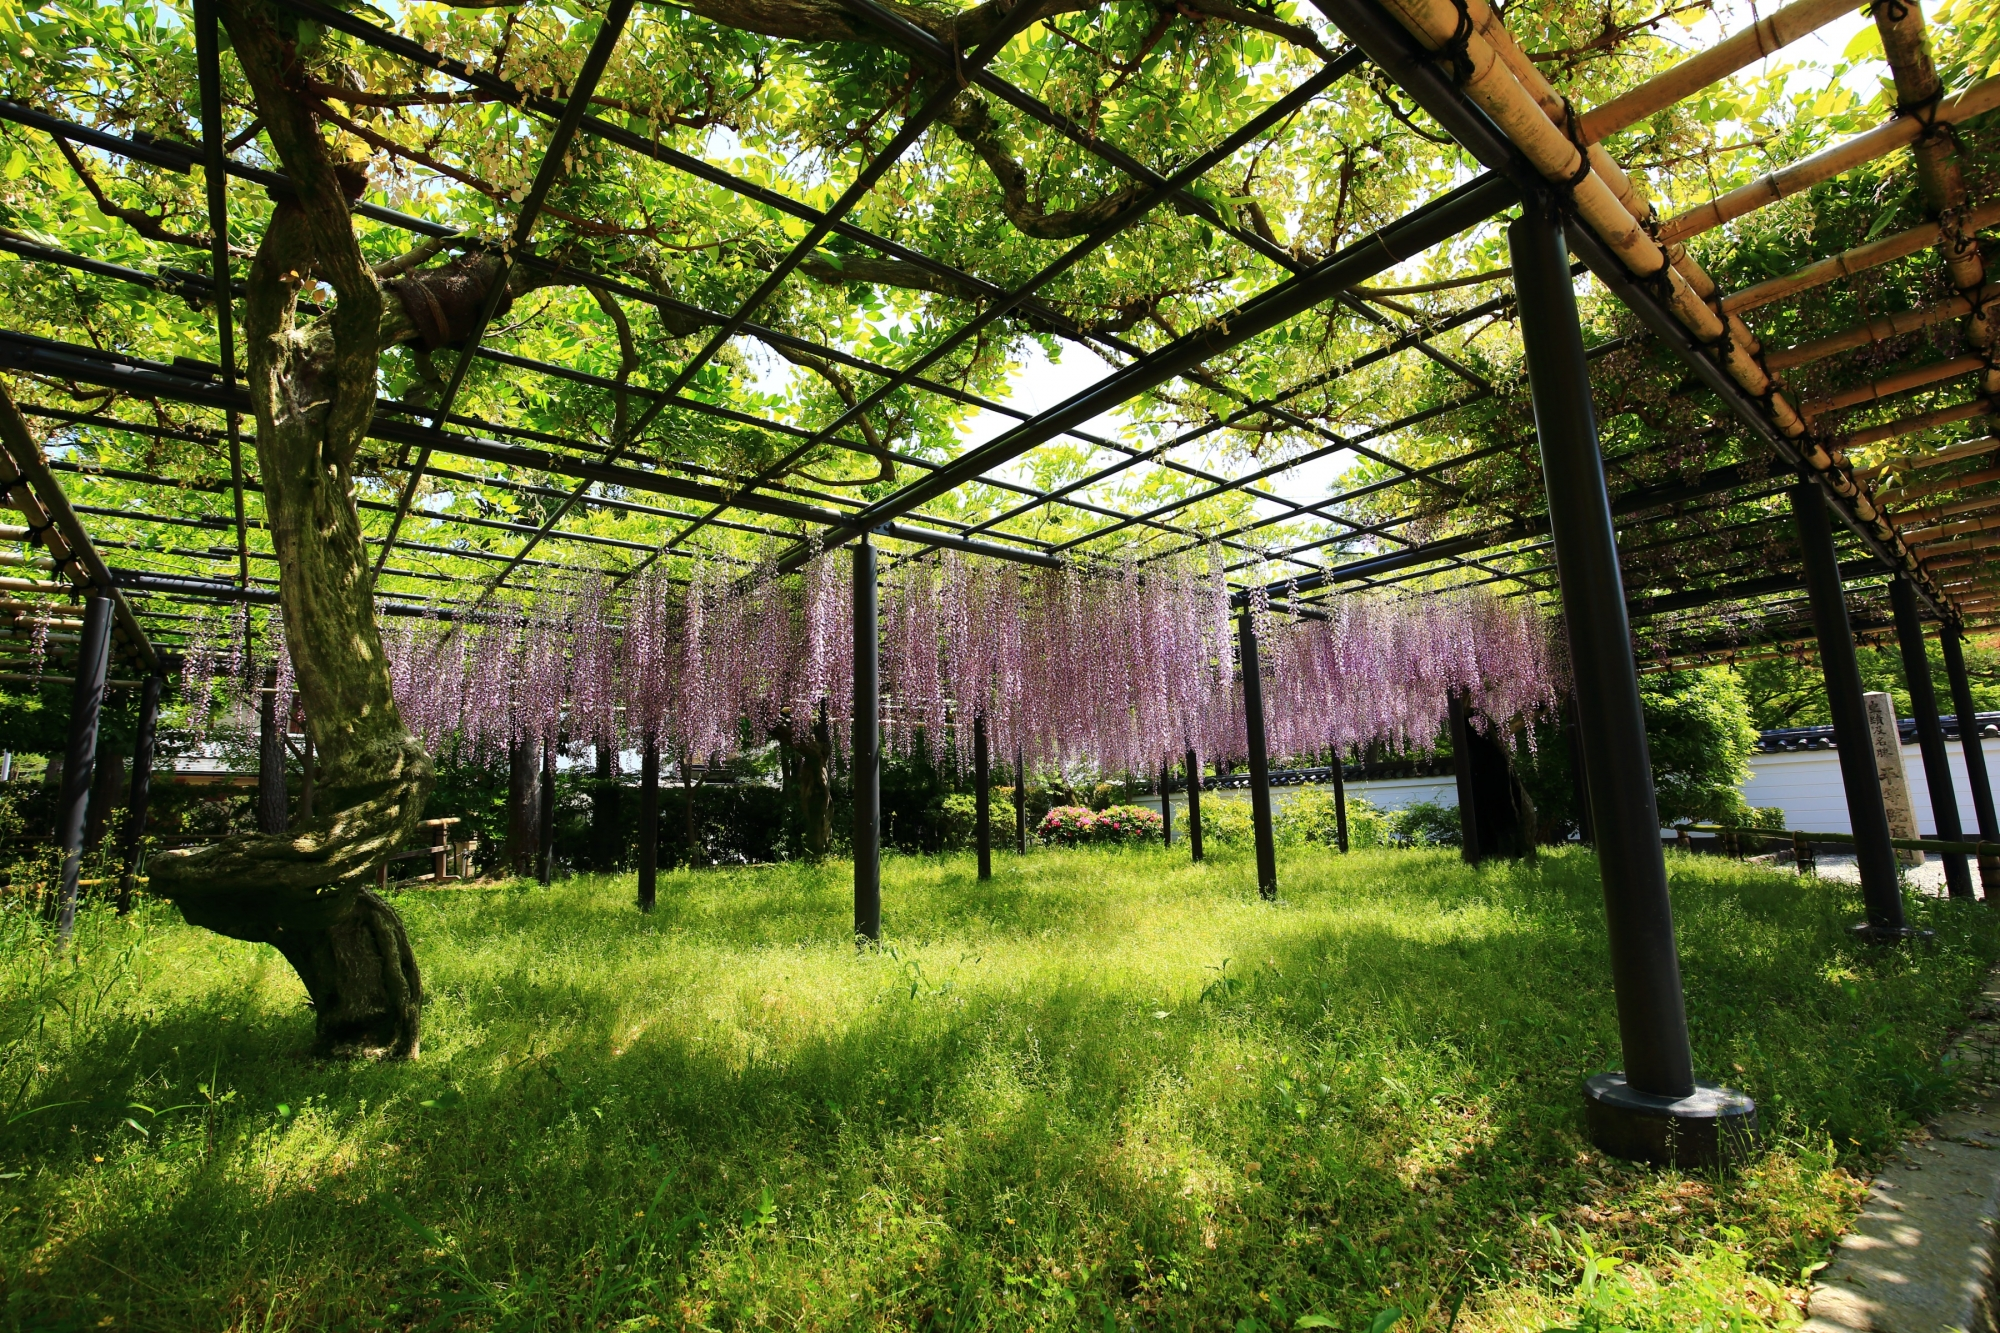 緑の芝生の上で優雅に揺らぐ表門前の薄紫の藤の花